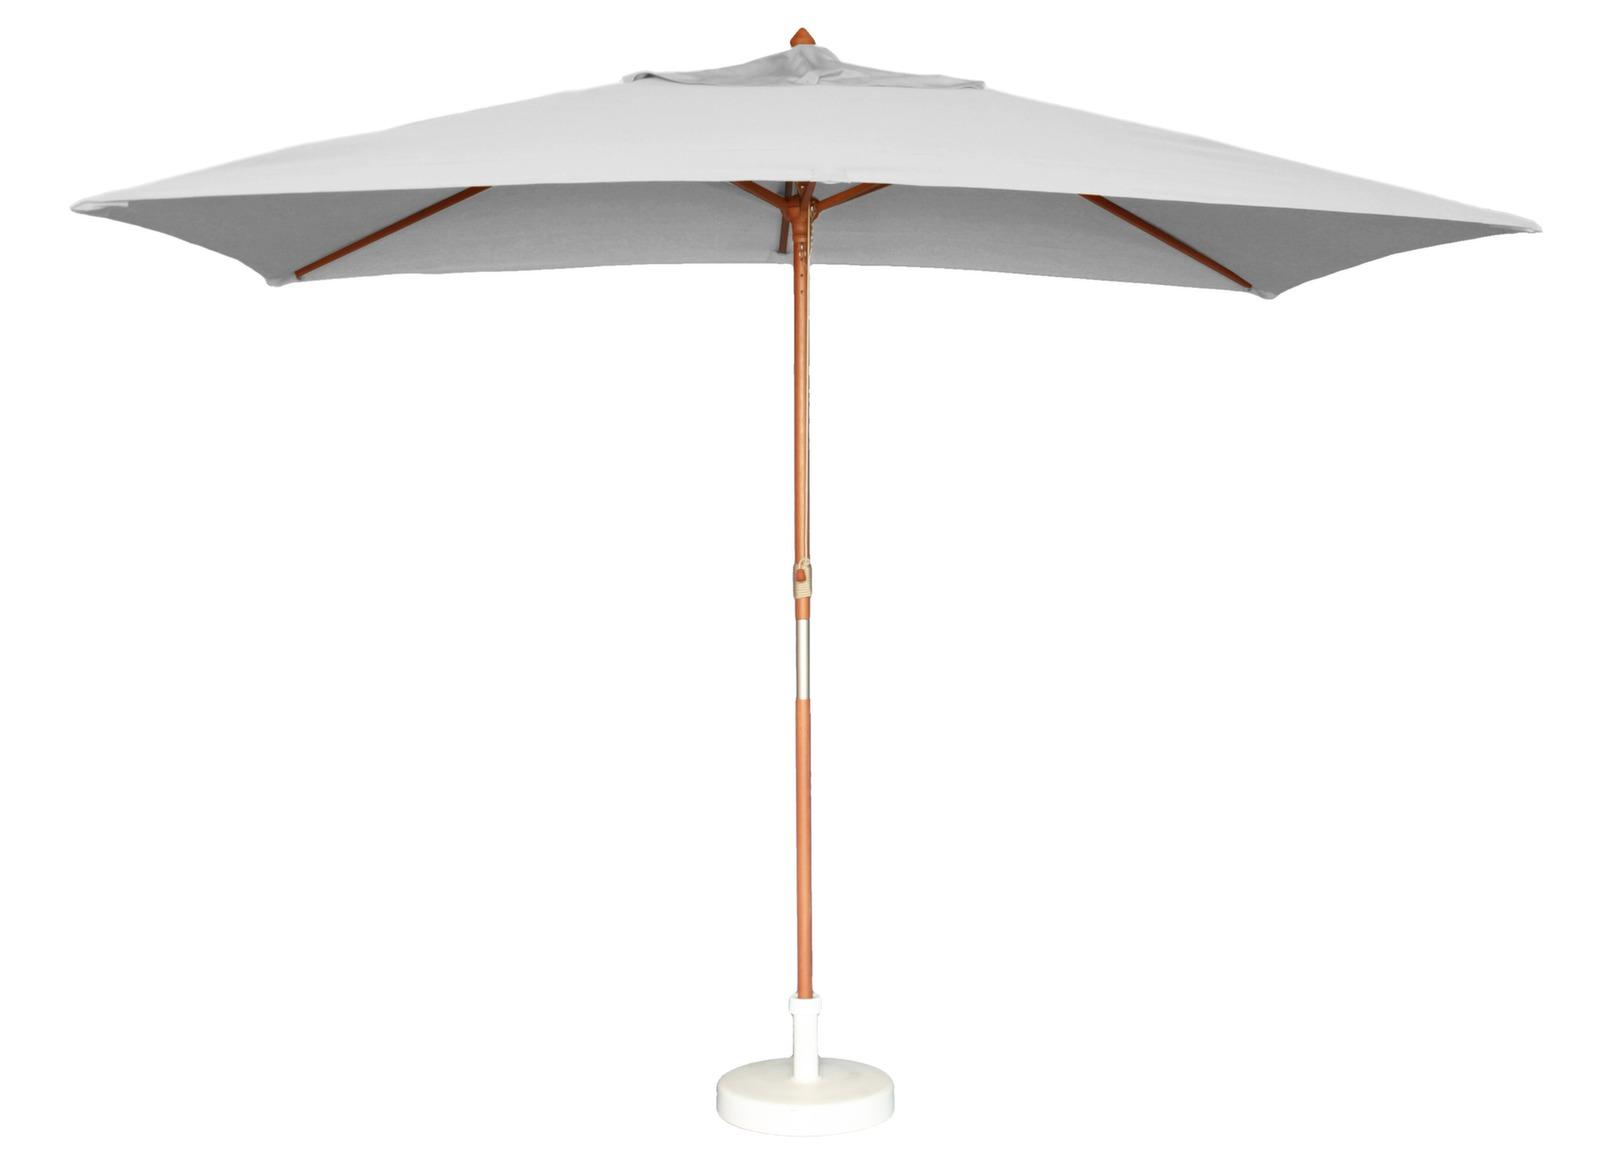 housse pour parasol rectangle 3x2 3x4m gris proloisirs. Black Bedroom Furniture Sets. Home Design Ideas